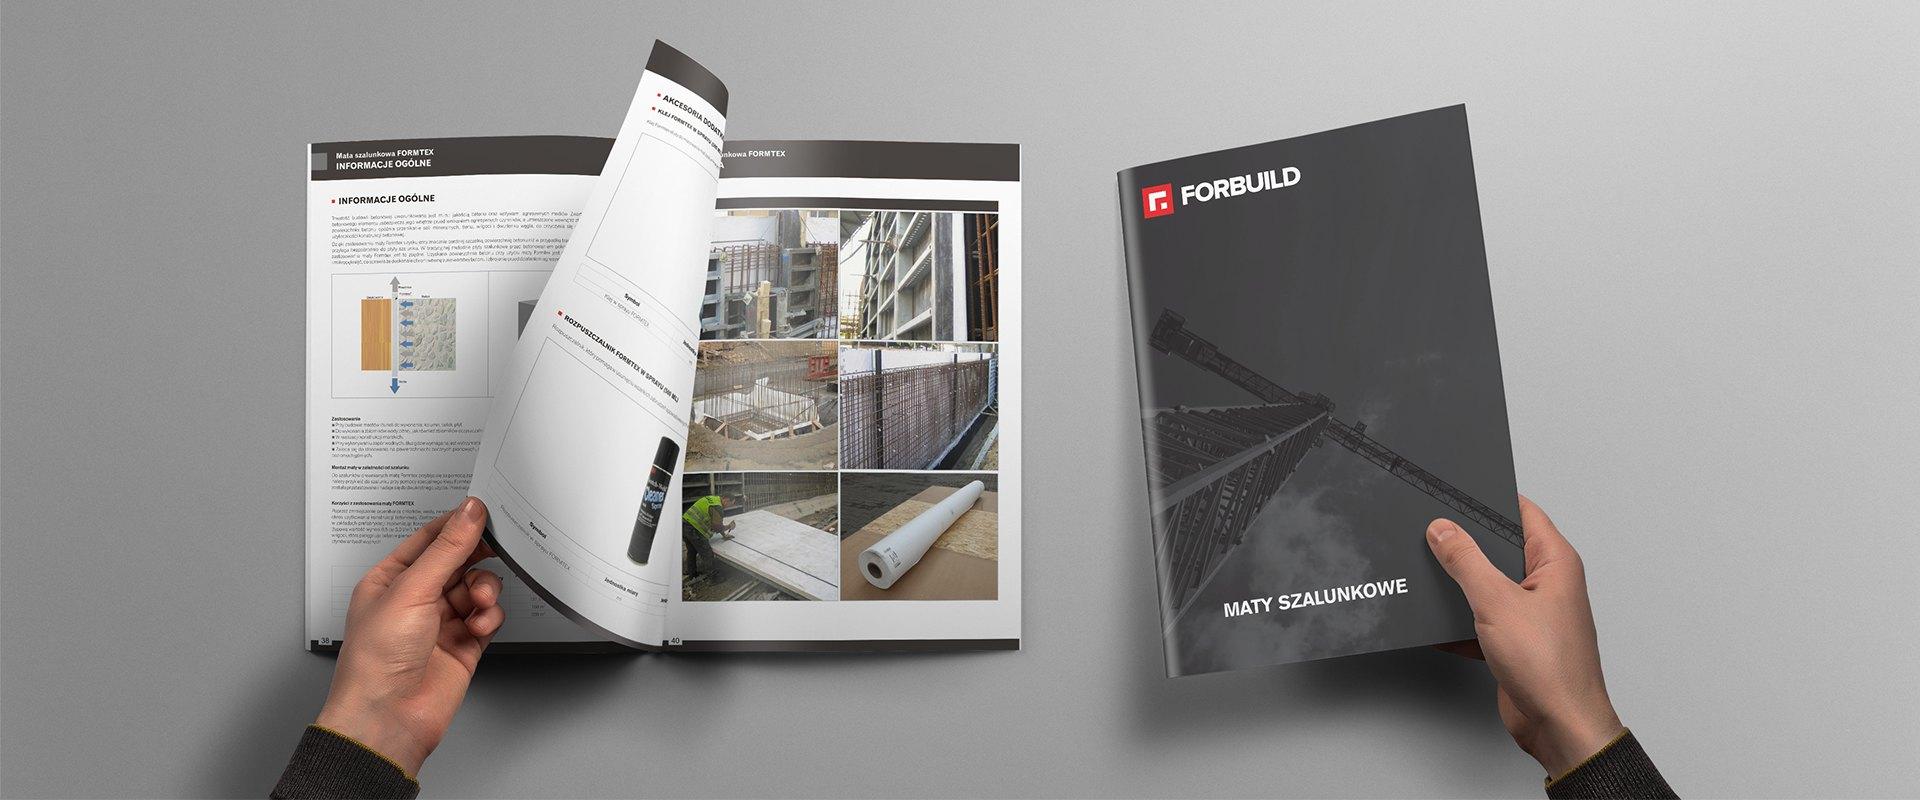 maty-szalunkowe-okl-rozkl-brochure-a4-800p